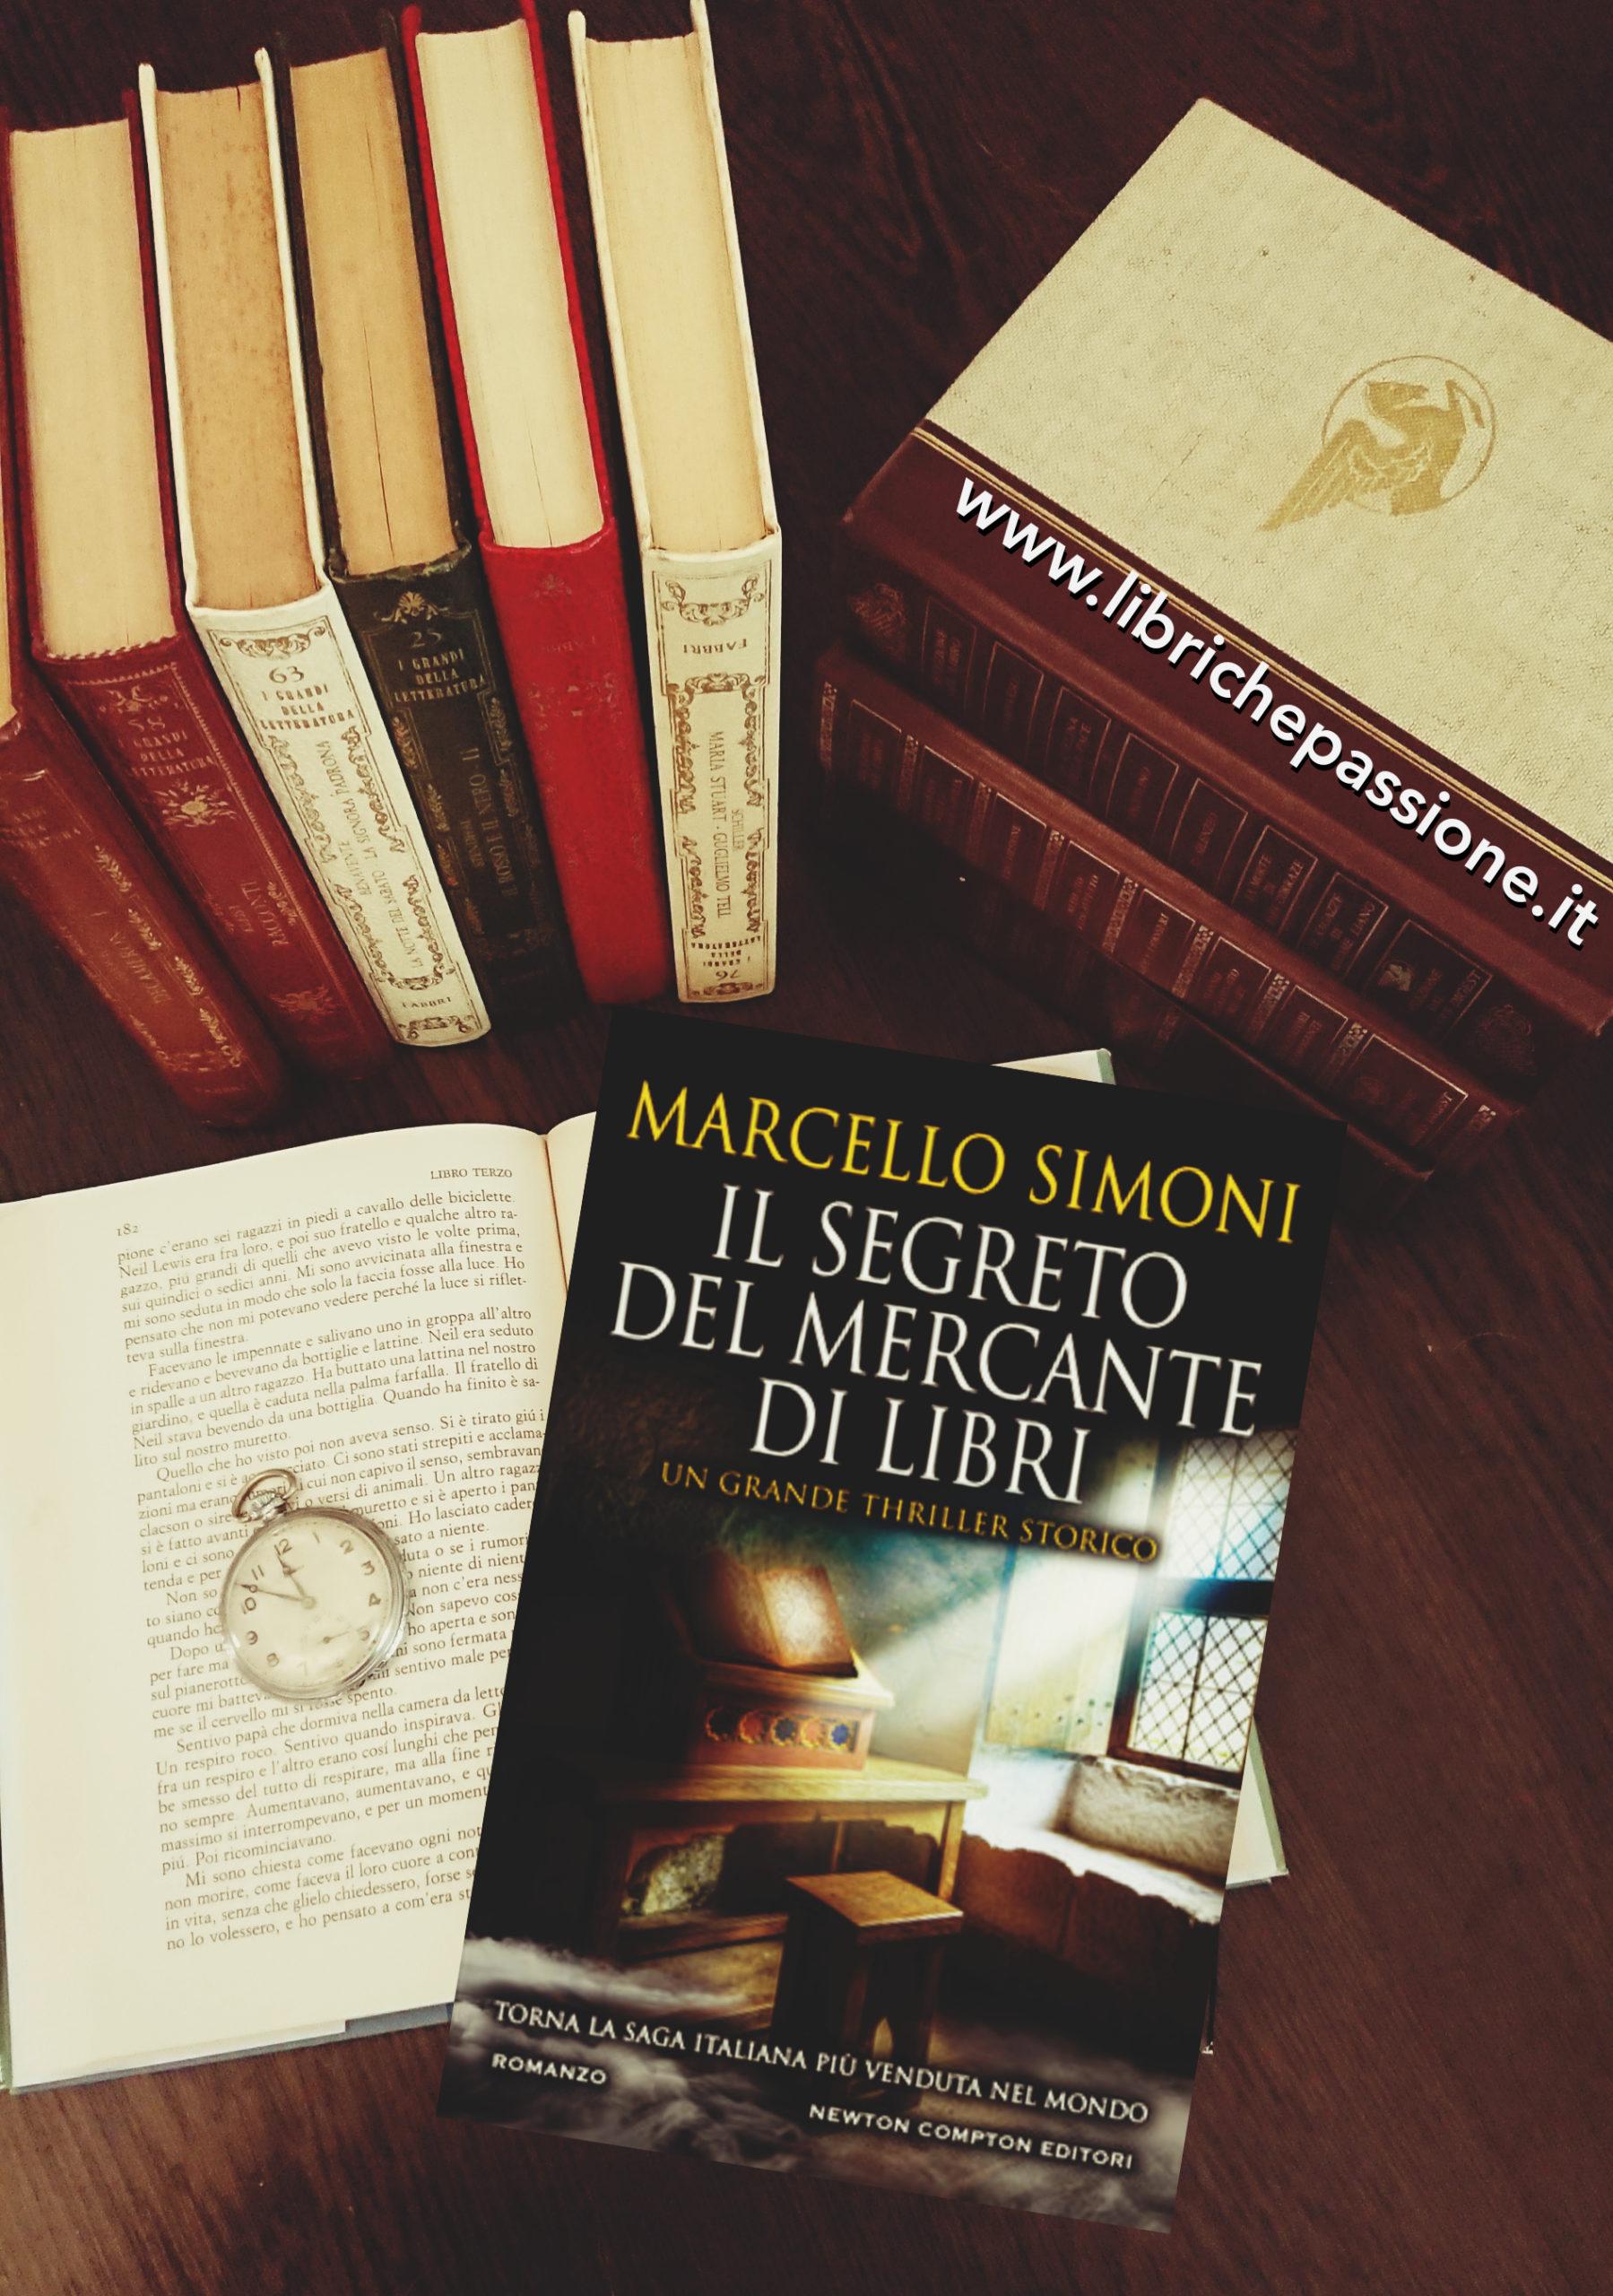 """Recensione del romanzo """"Il segreto del mercante di libri"""" di Marcello Simoni edito da Newton Compton"""